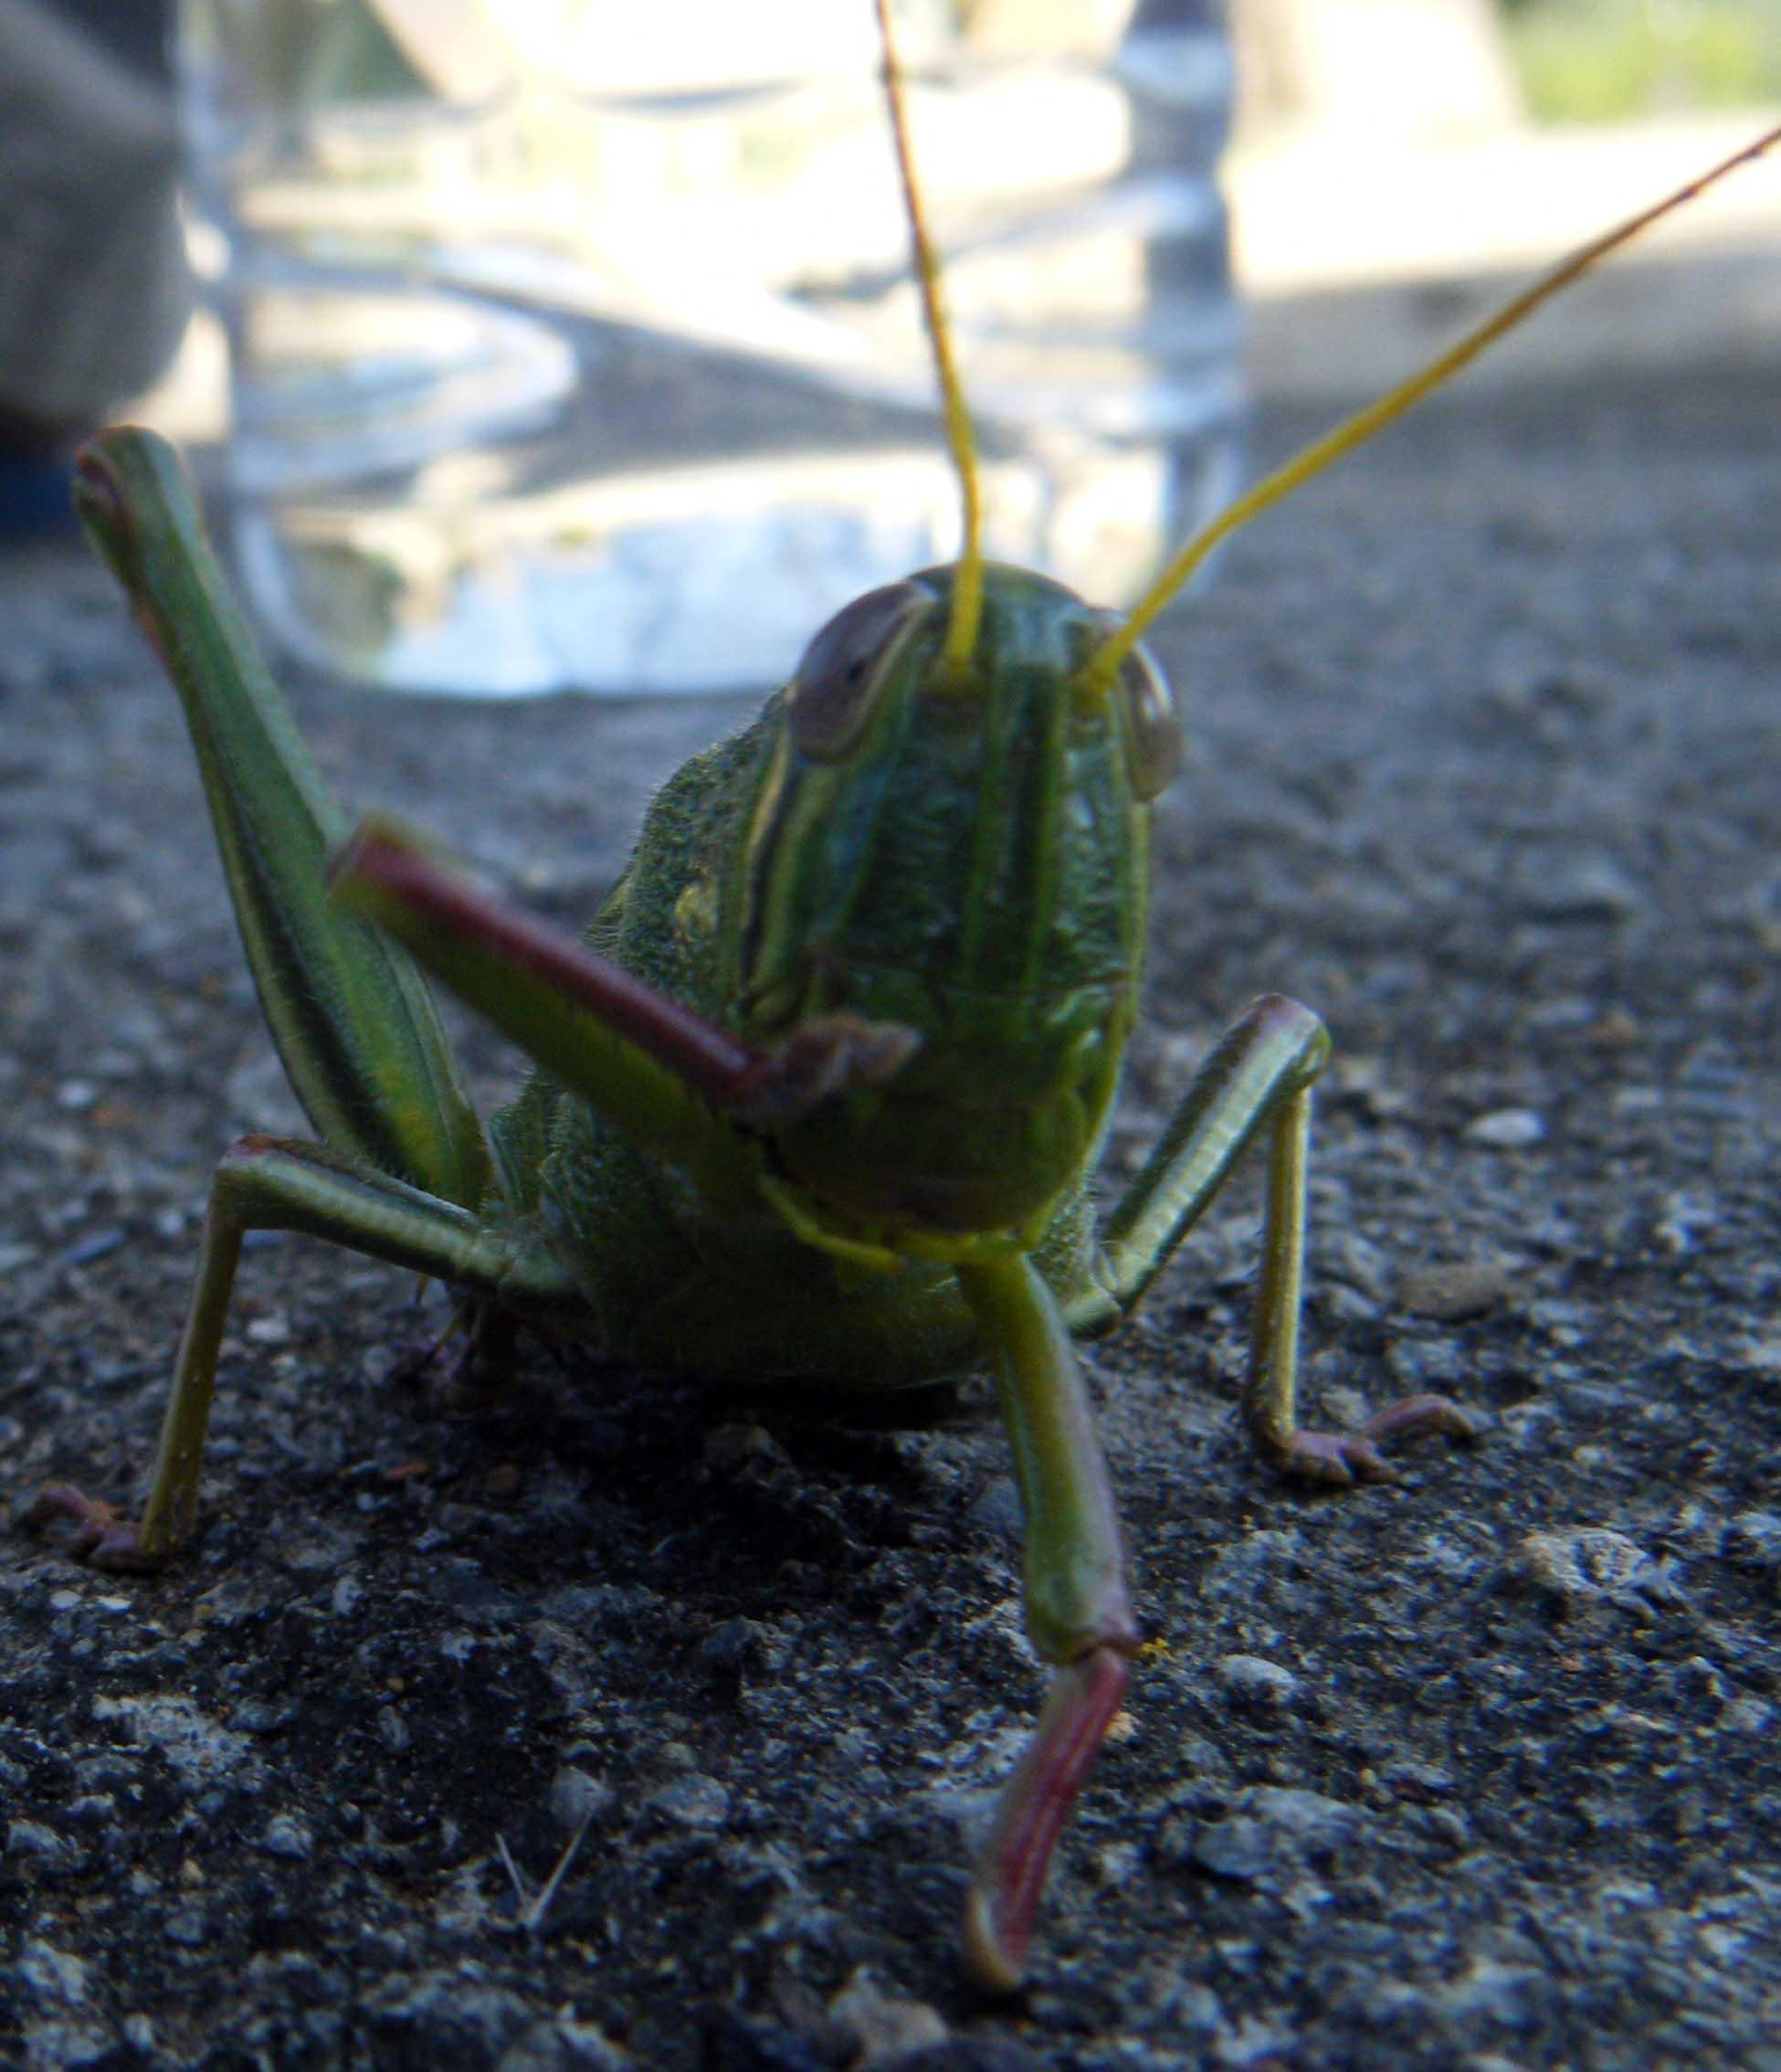 giant grasshopper.jpg